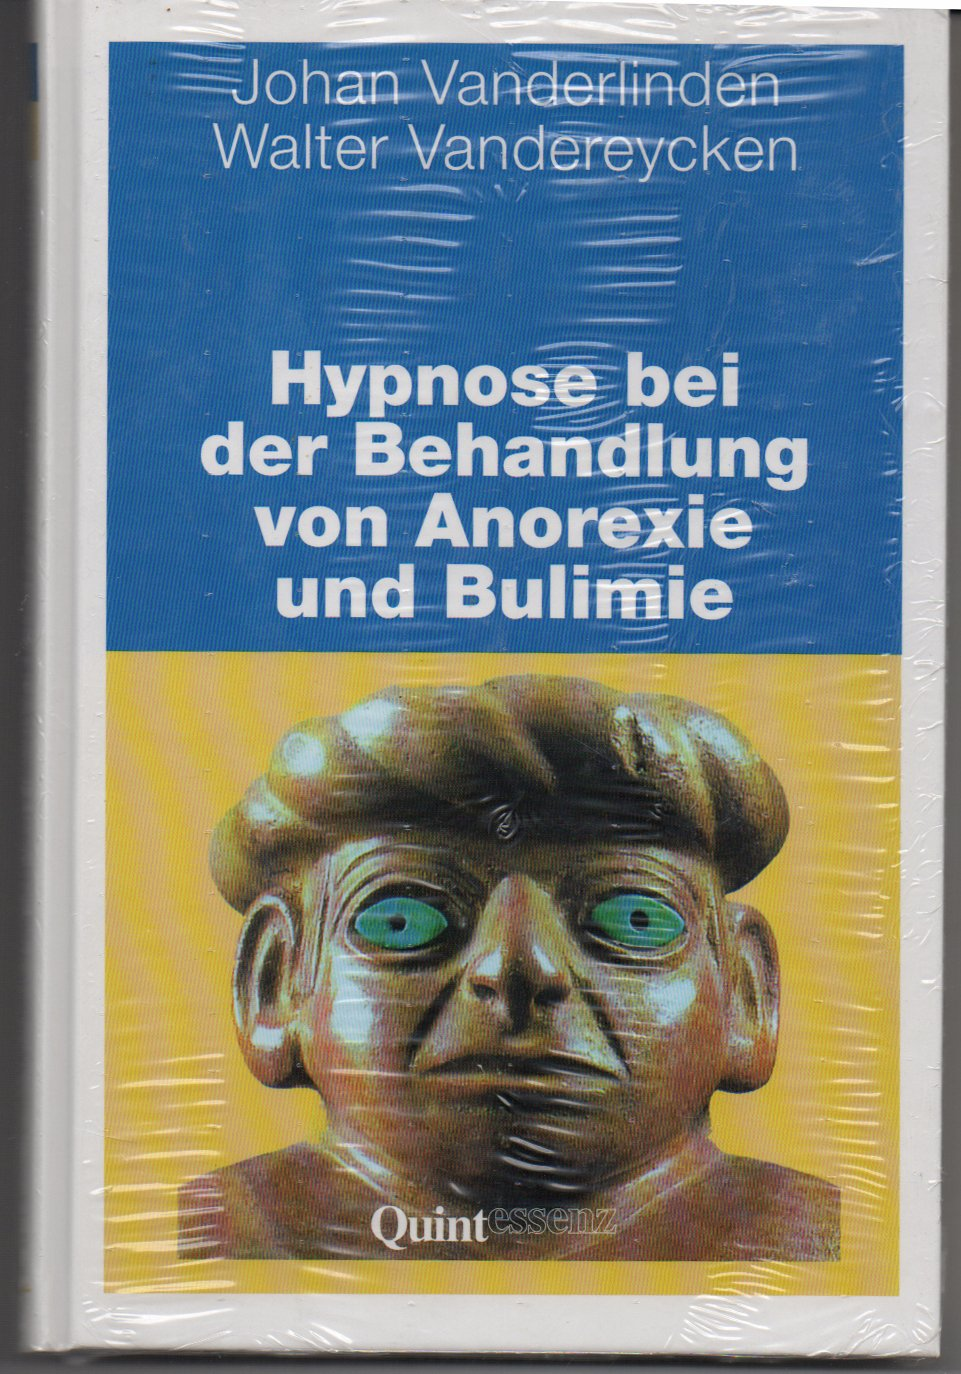 Hypnose bei der Behandlung von Anorexie und Bulimie